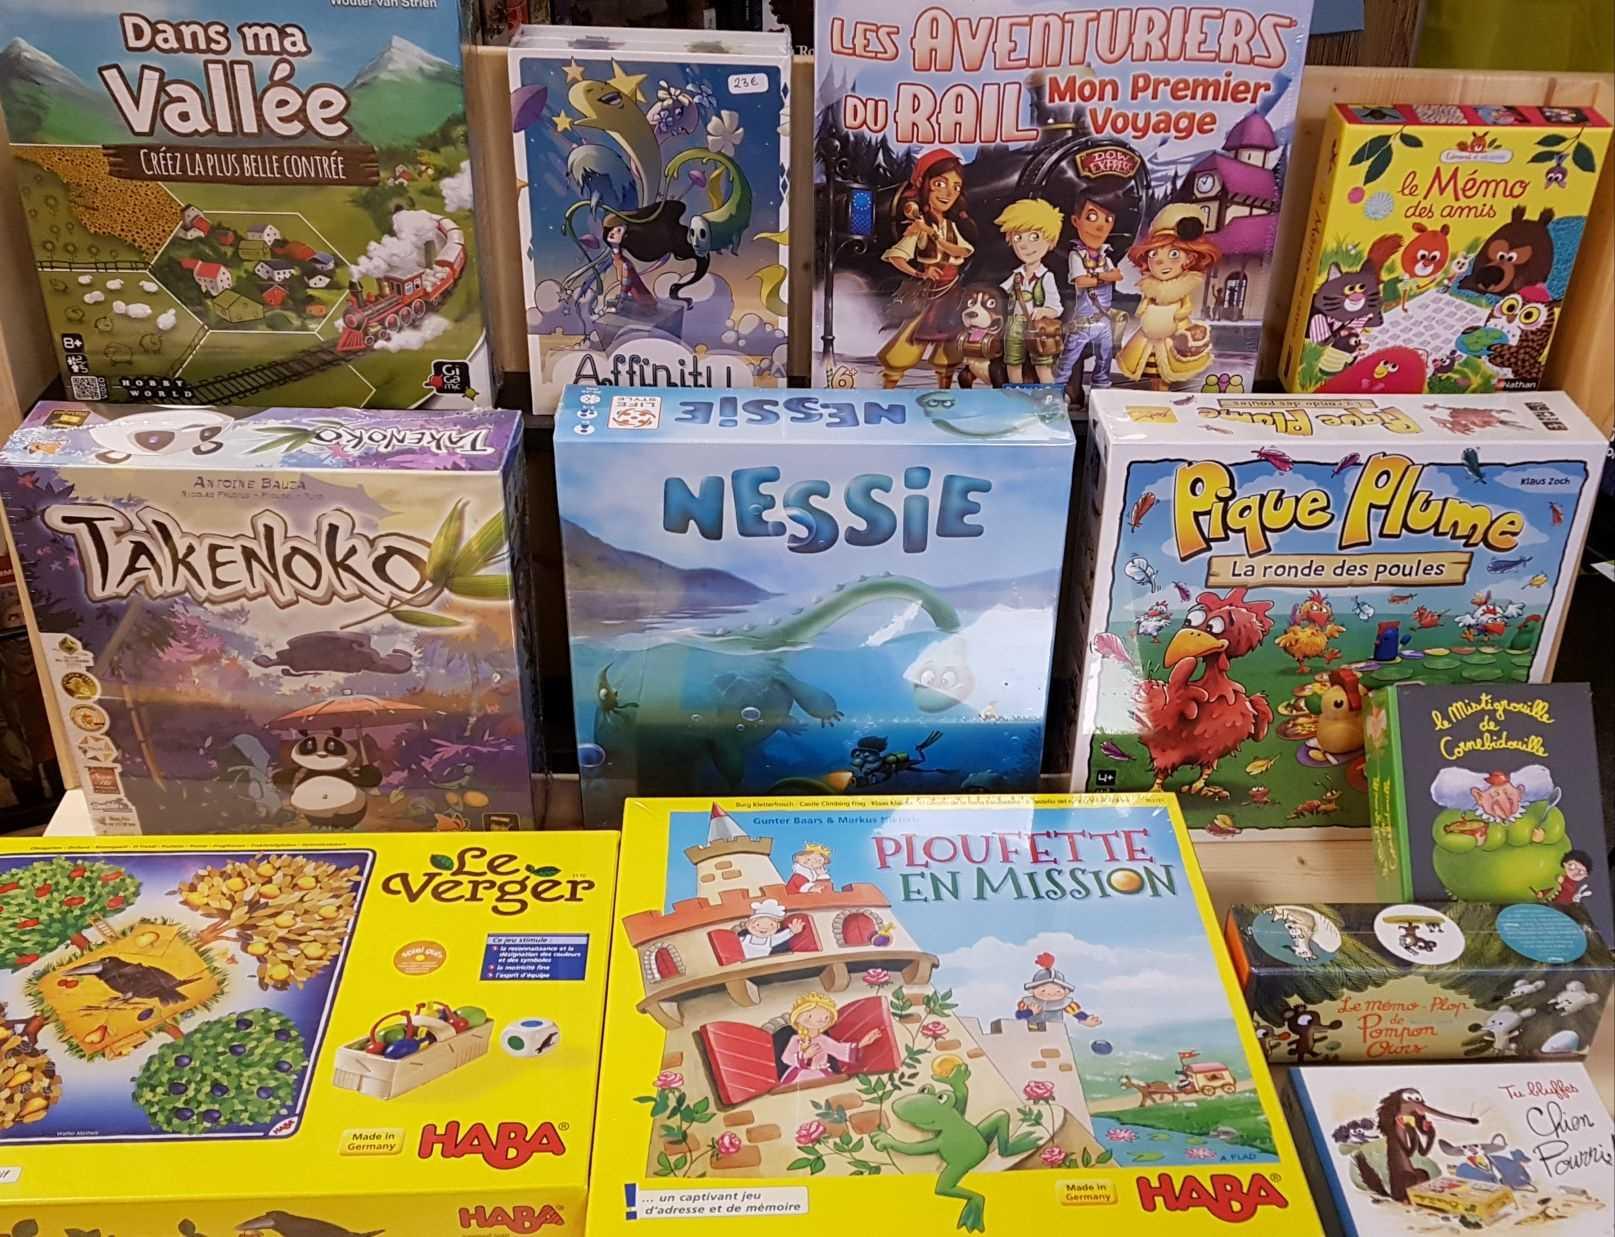 Librairie La Librai'bulles jeux enfants